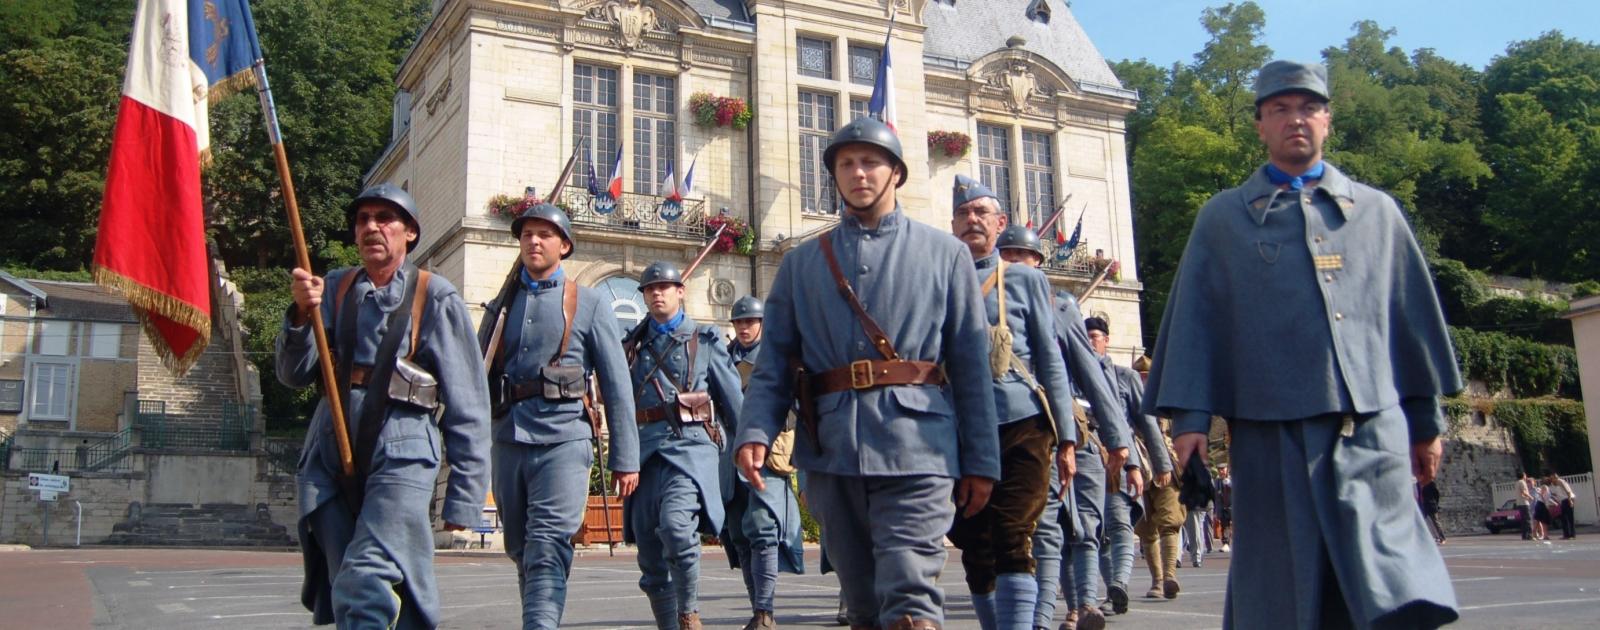 Année de la paix et de l'amitié France-Amérique